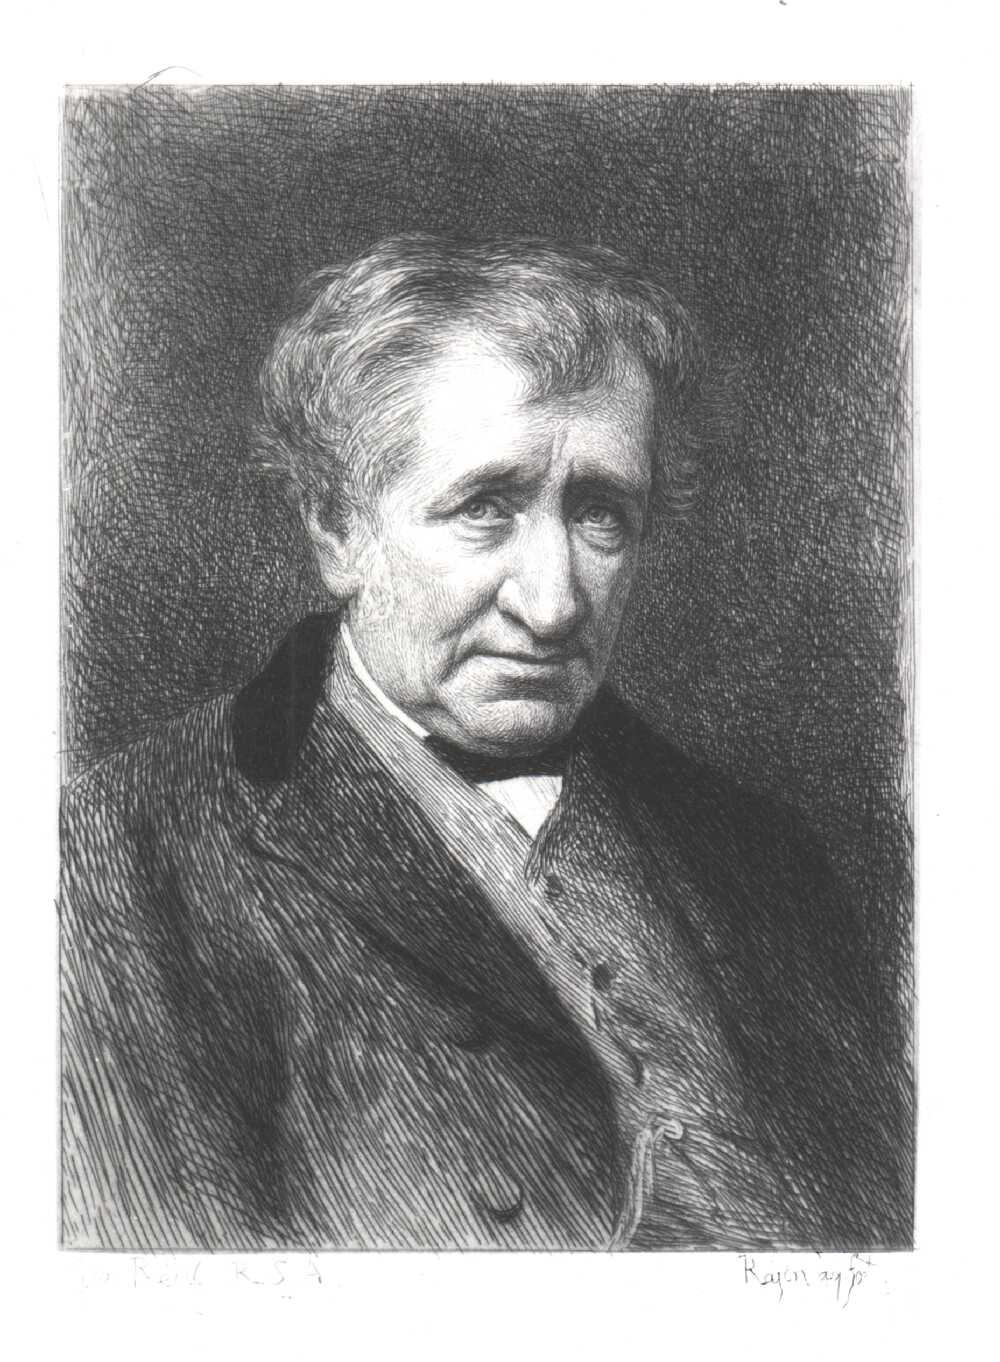 Portrait of James Nasmyth,  Image number:SIL14-N001-04a